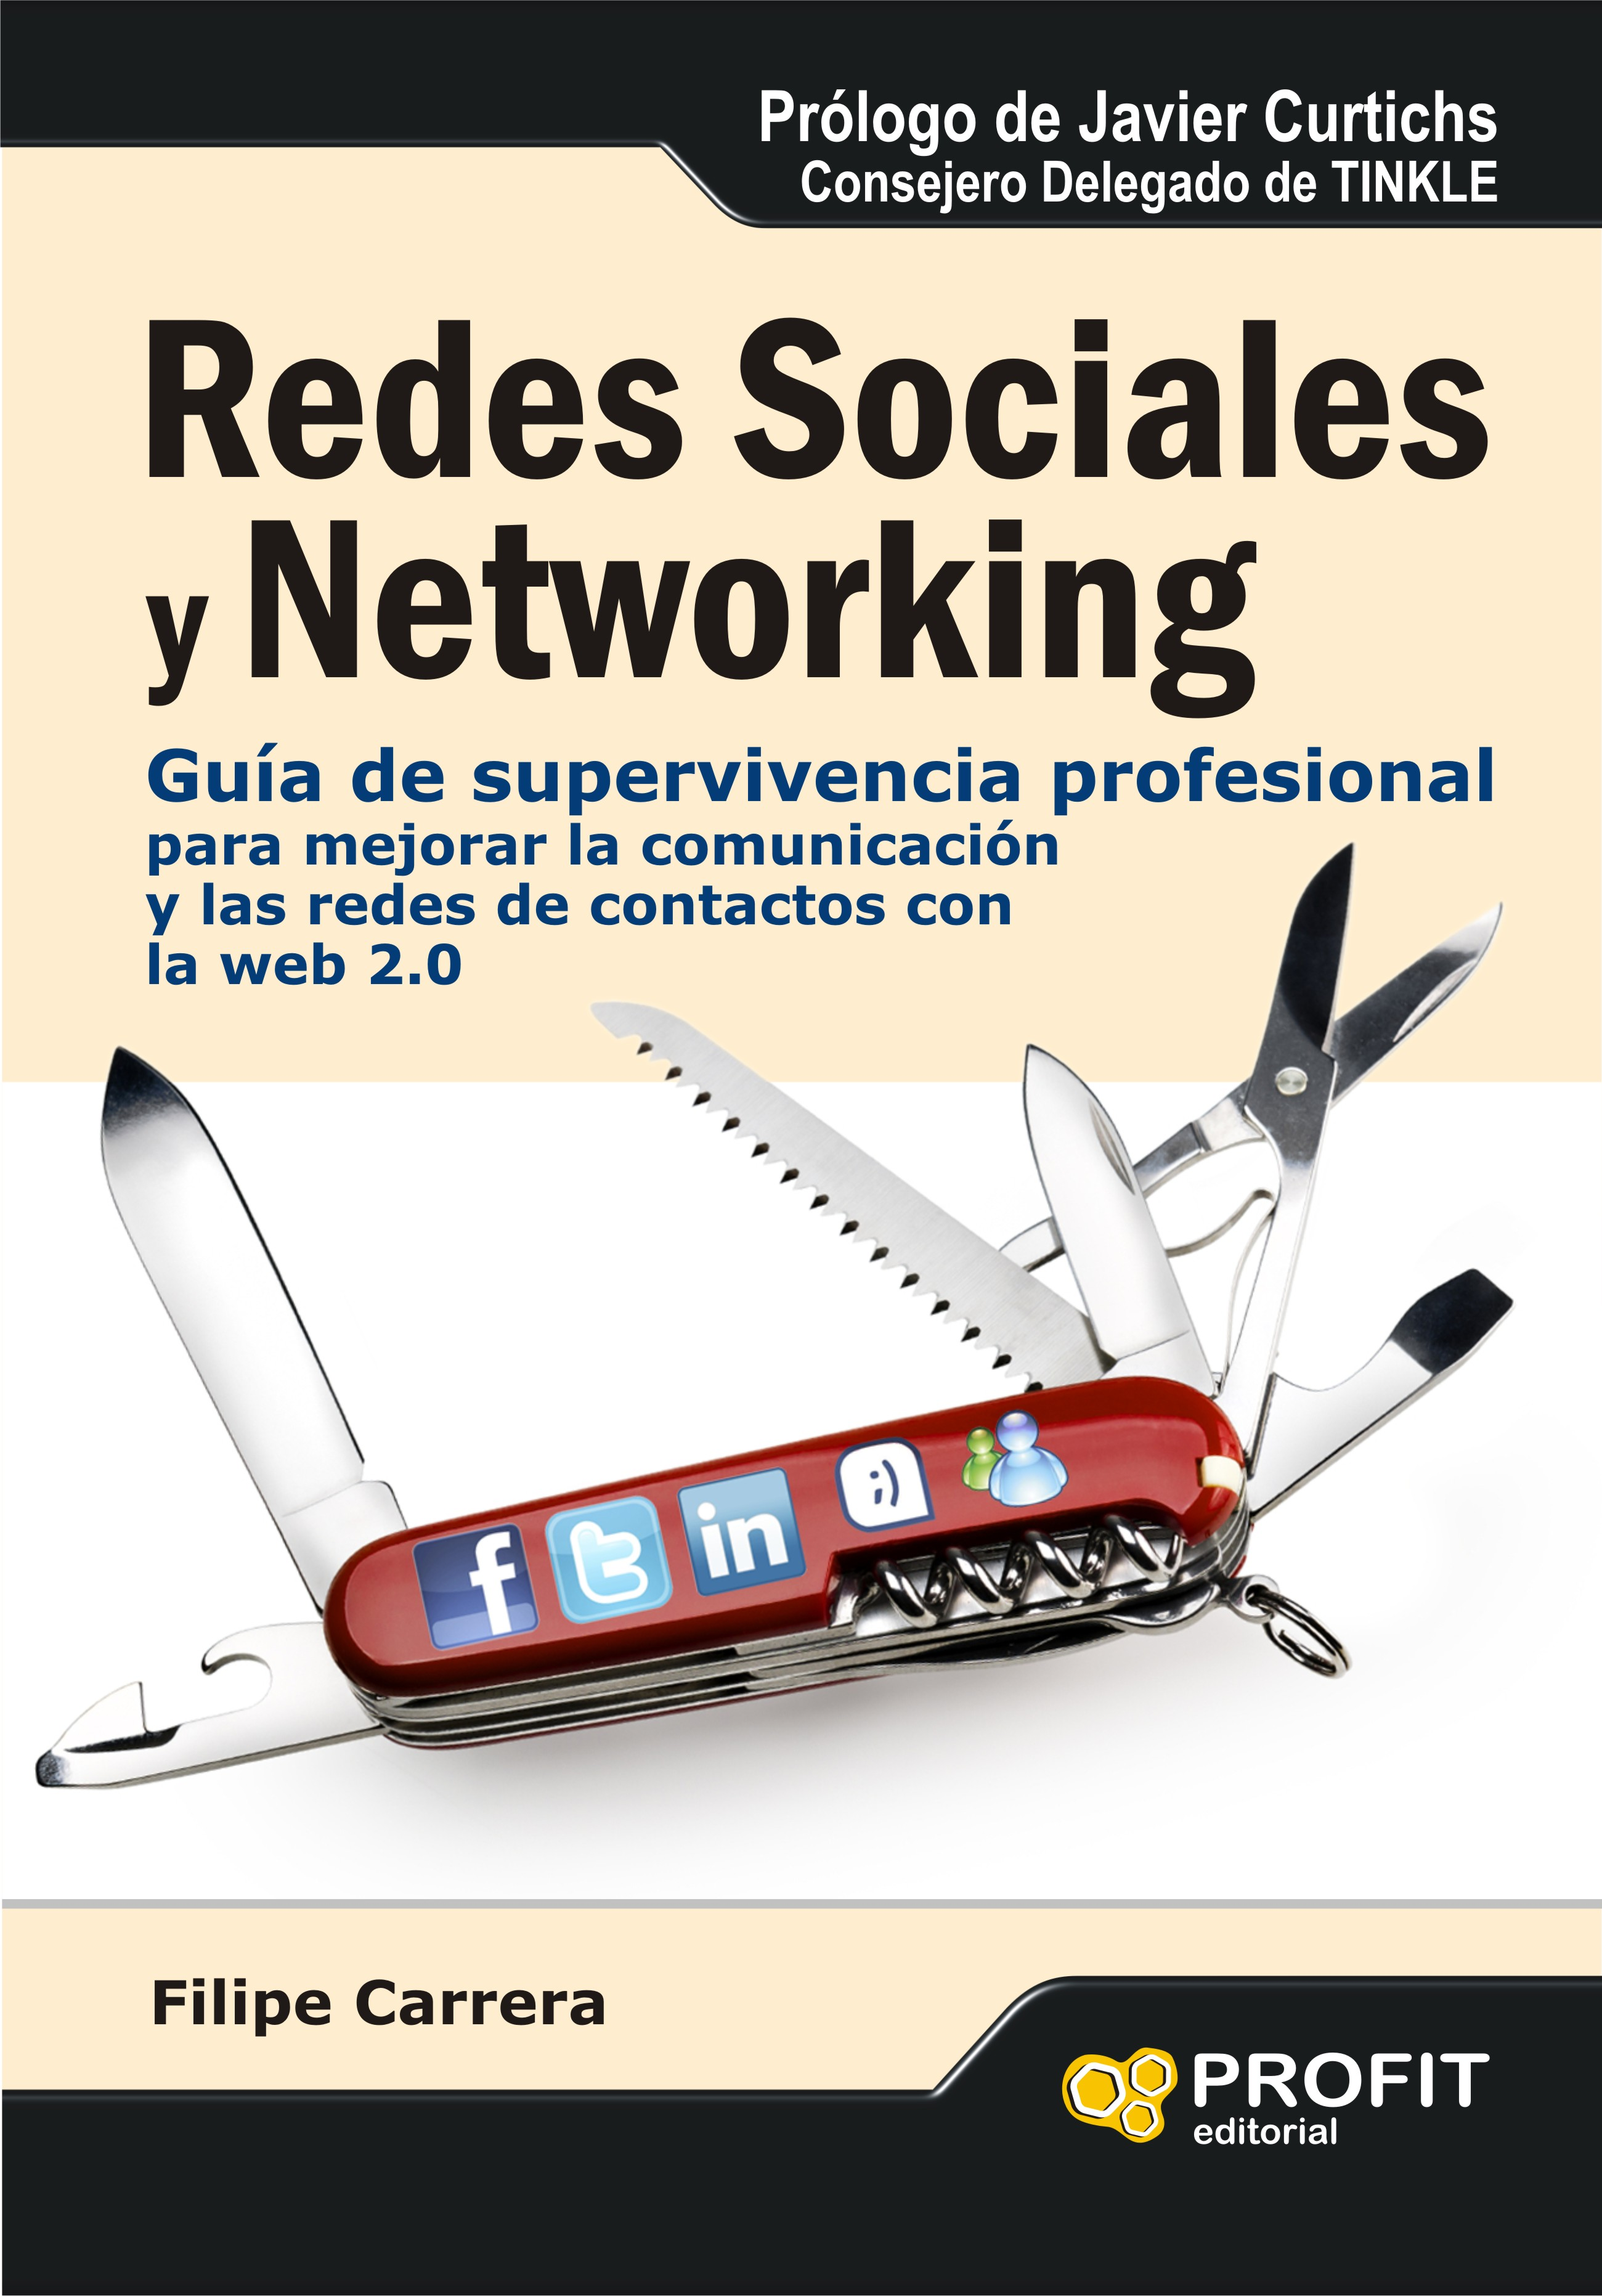 Redes Sociales Y Networking – Guía de Supervivencia Profesional